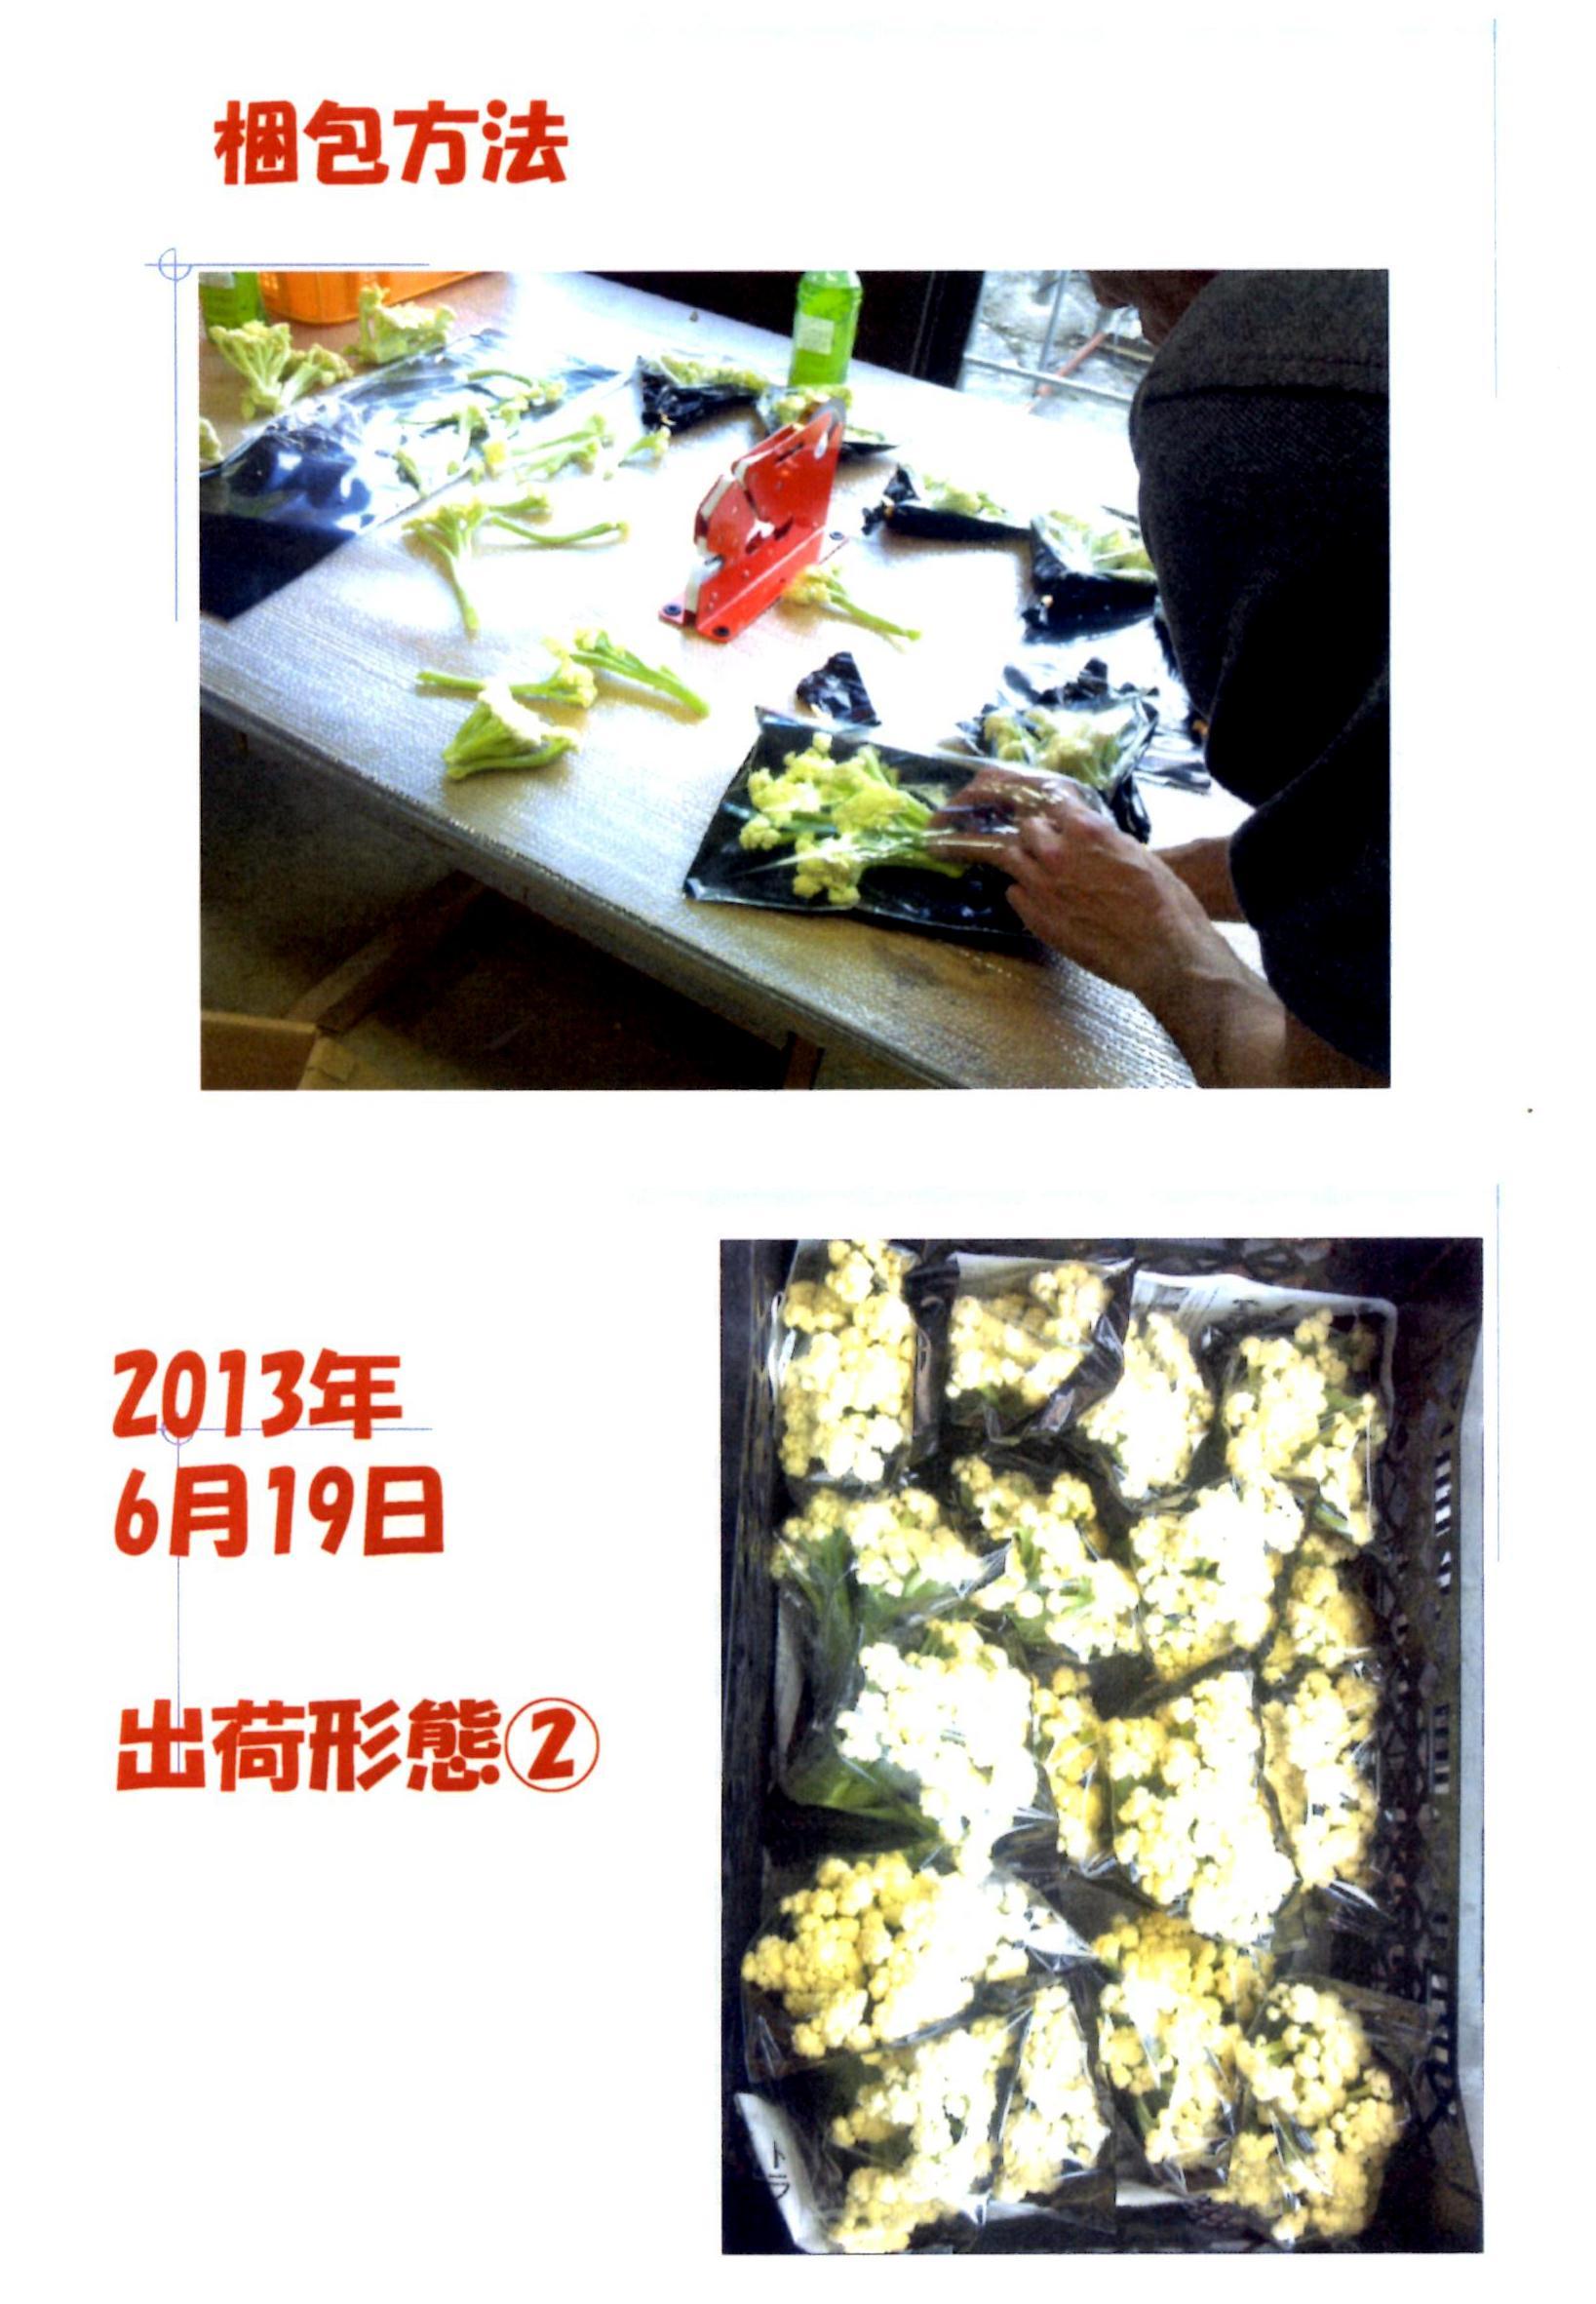 karifu-deta10.jpg